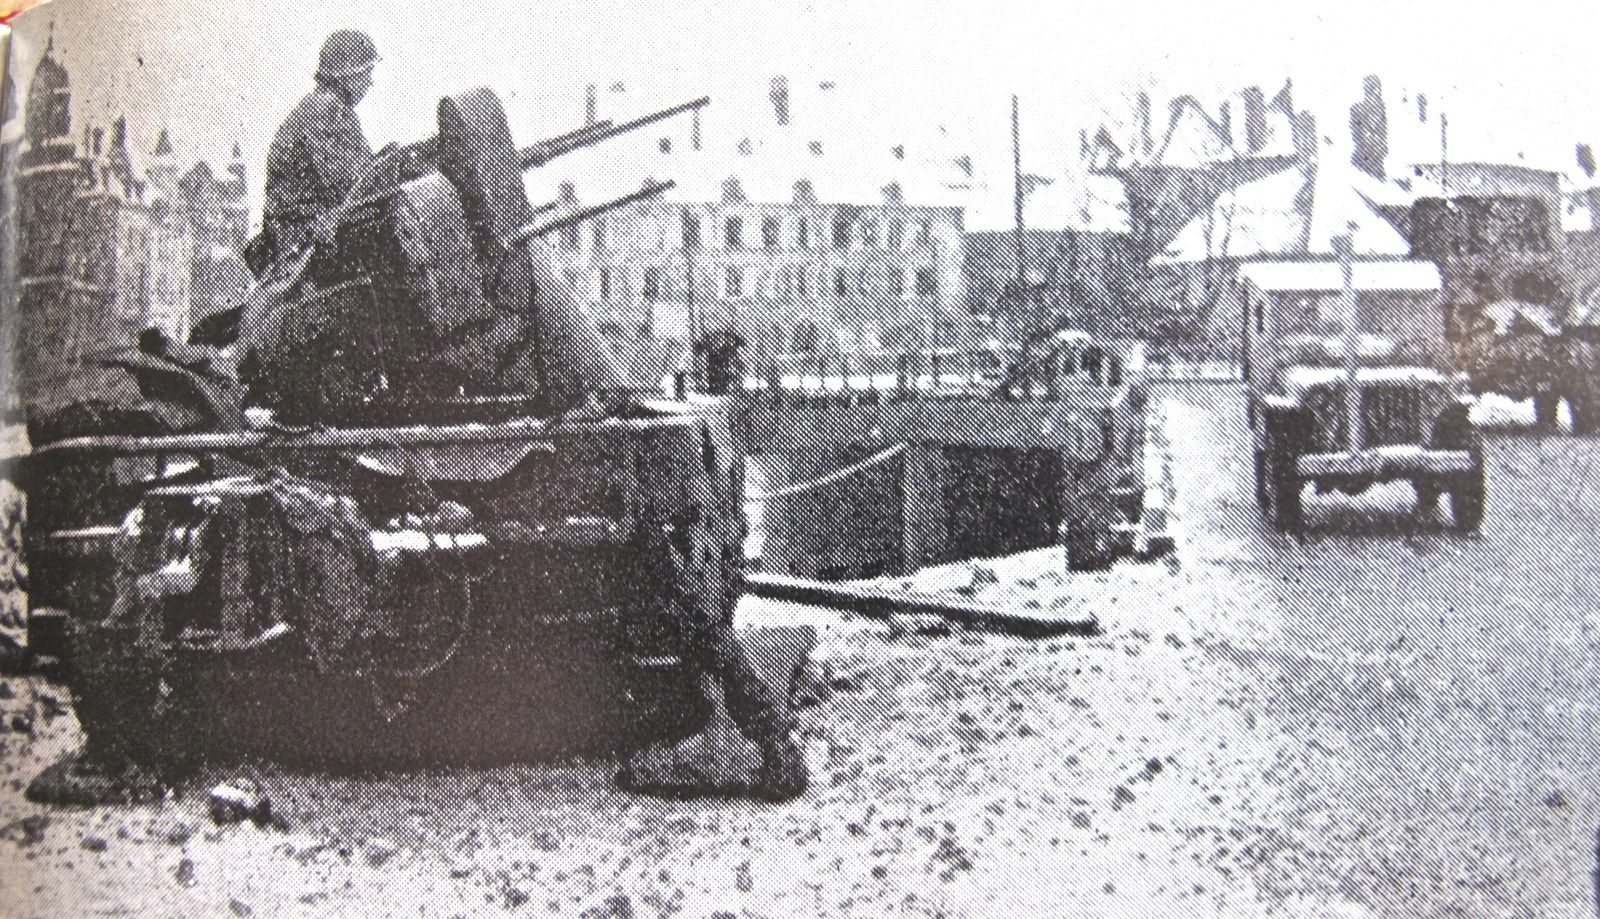 Coupure d'un journal d'époque montrant le pont sur la Moselle à Thionville protégé par une batterie anti-aérienne.